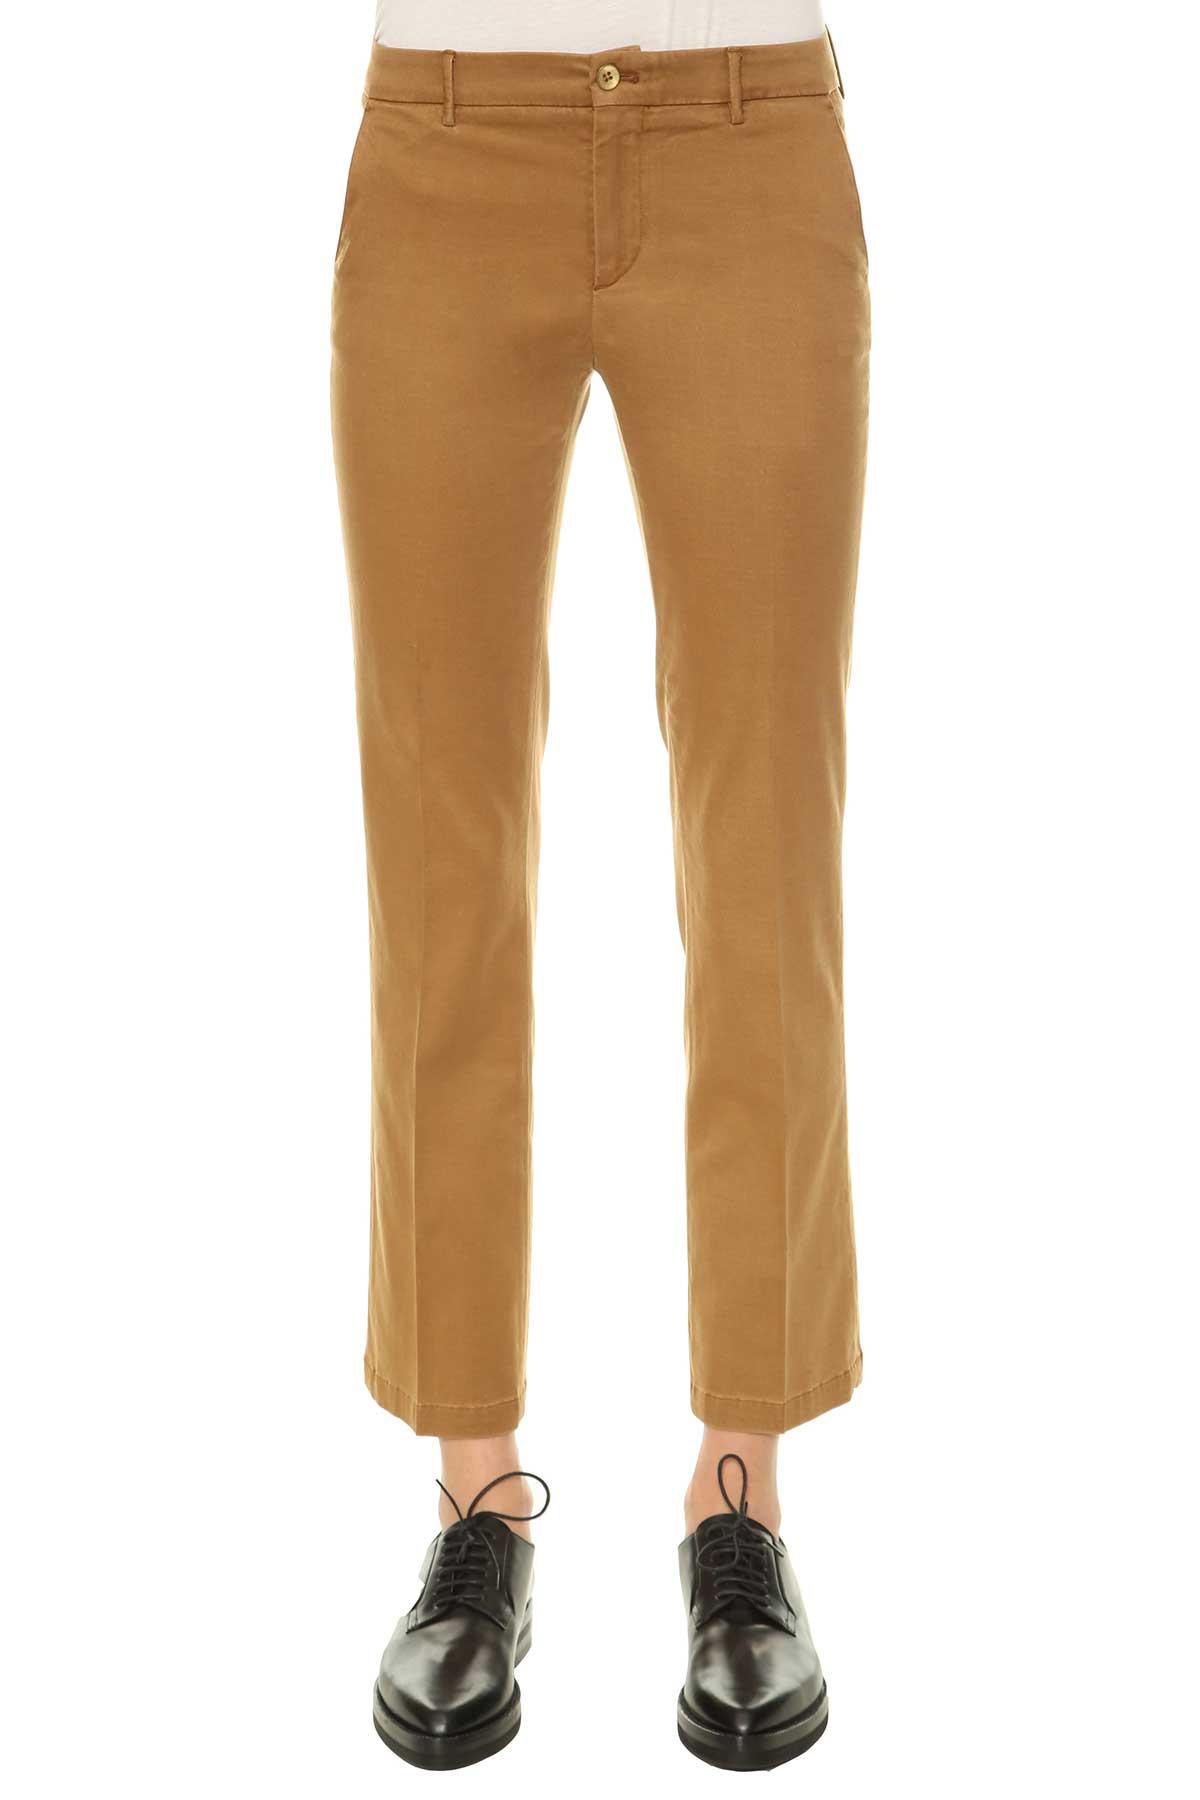 Pt01 Pantalone